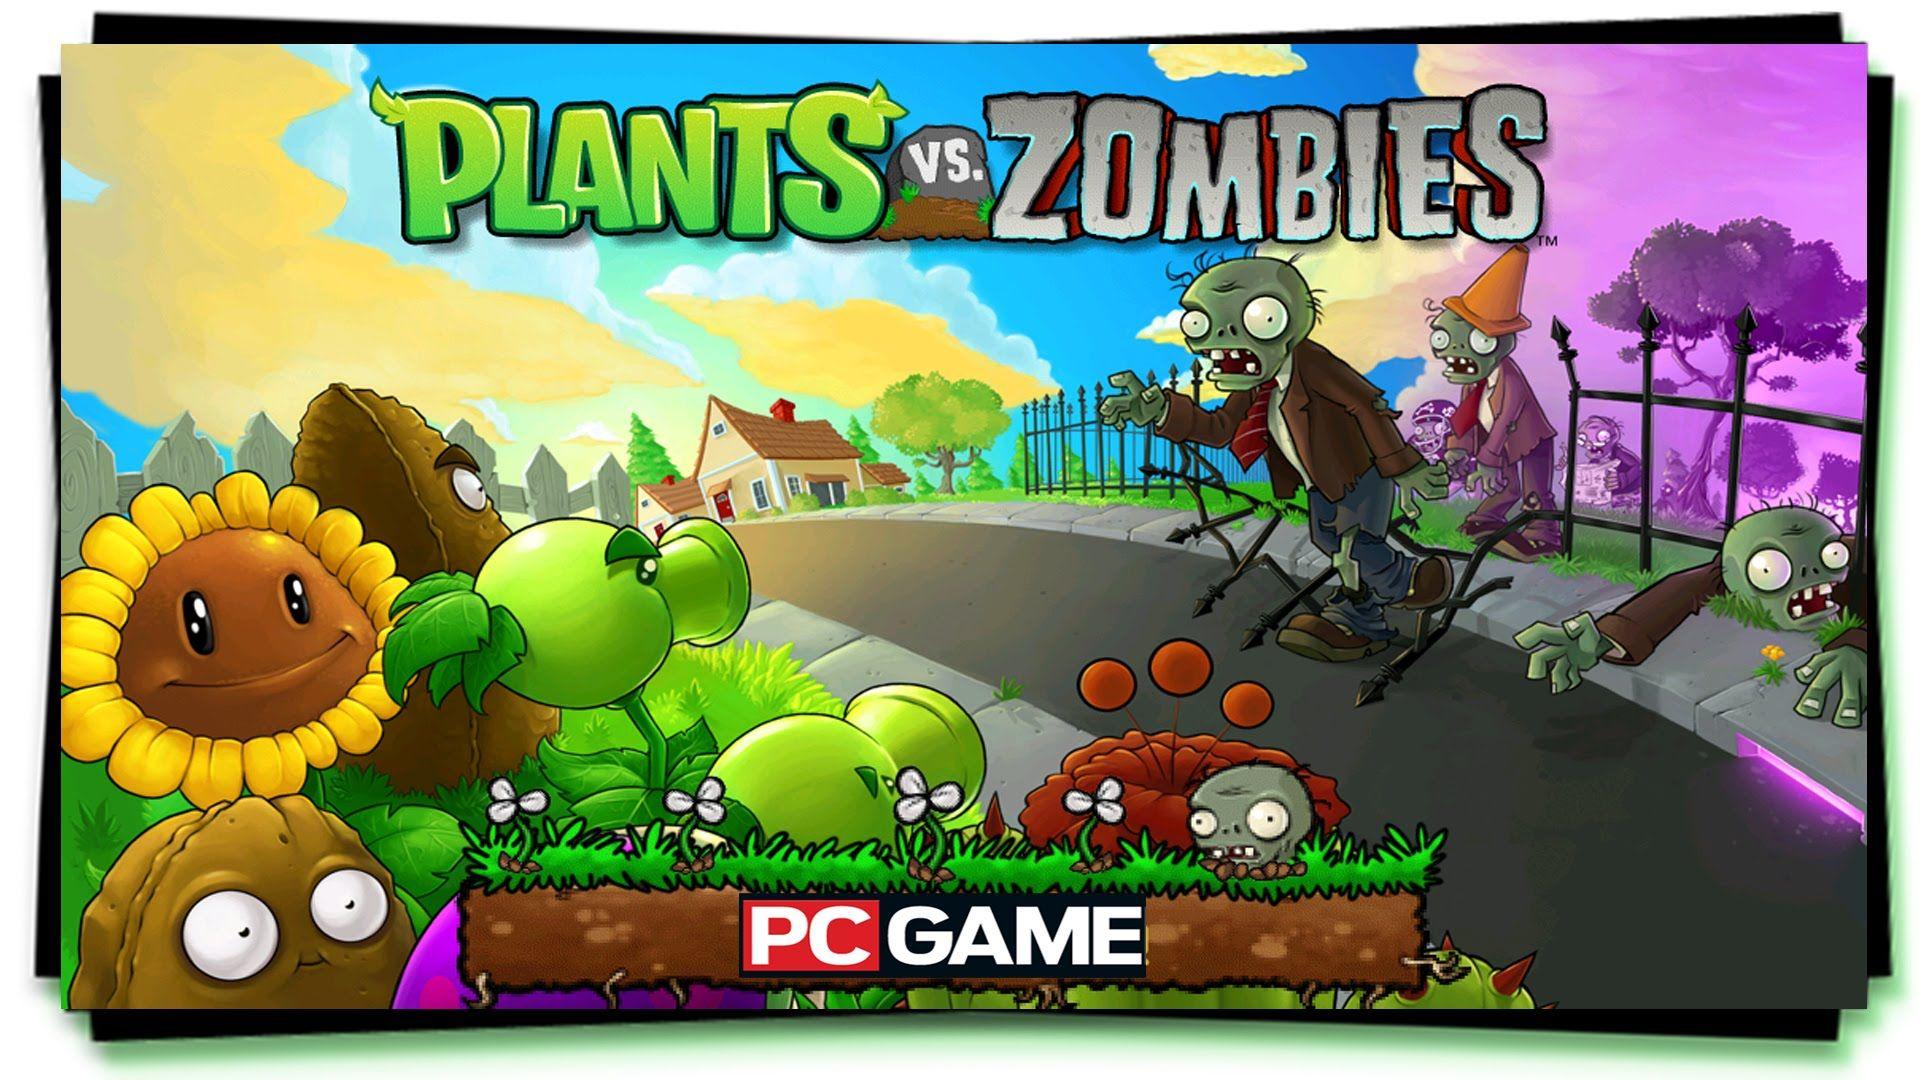 تحميل لعبة Plants Vs Zombies الإصدار الأول للكمبيوتر Win Xp 7 8 1